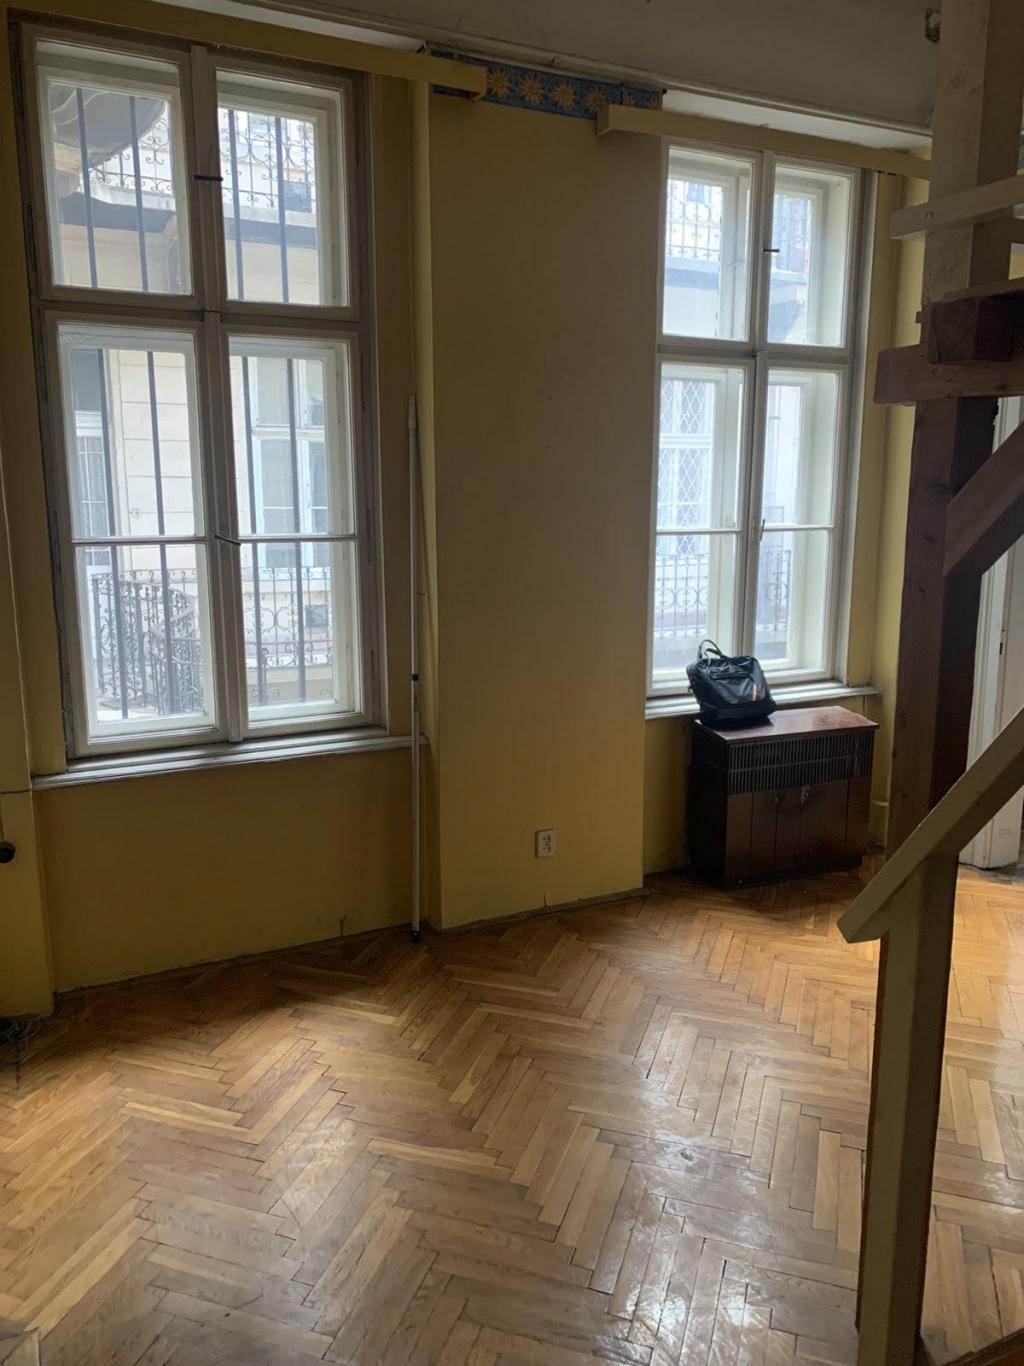 Eladó lakás 1065 Budapest Podmaniczky utca 47m2 39,8M Ft Ingatlan kép: 1